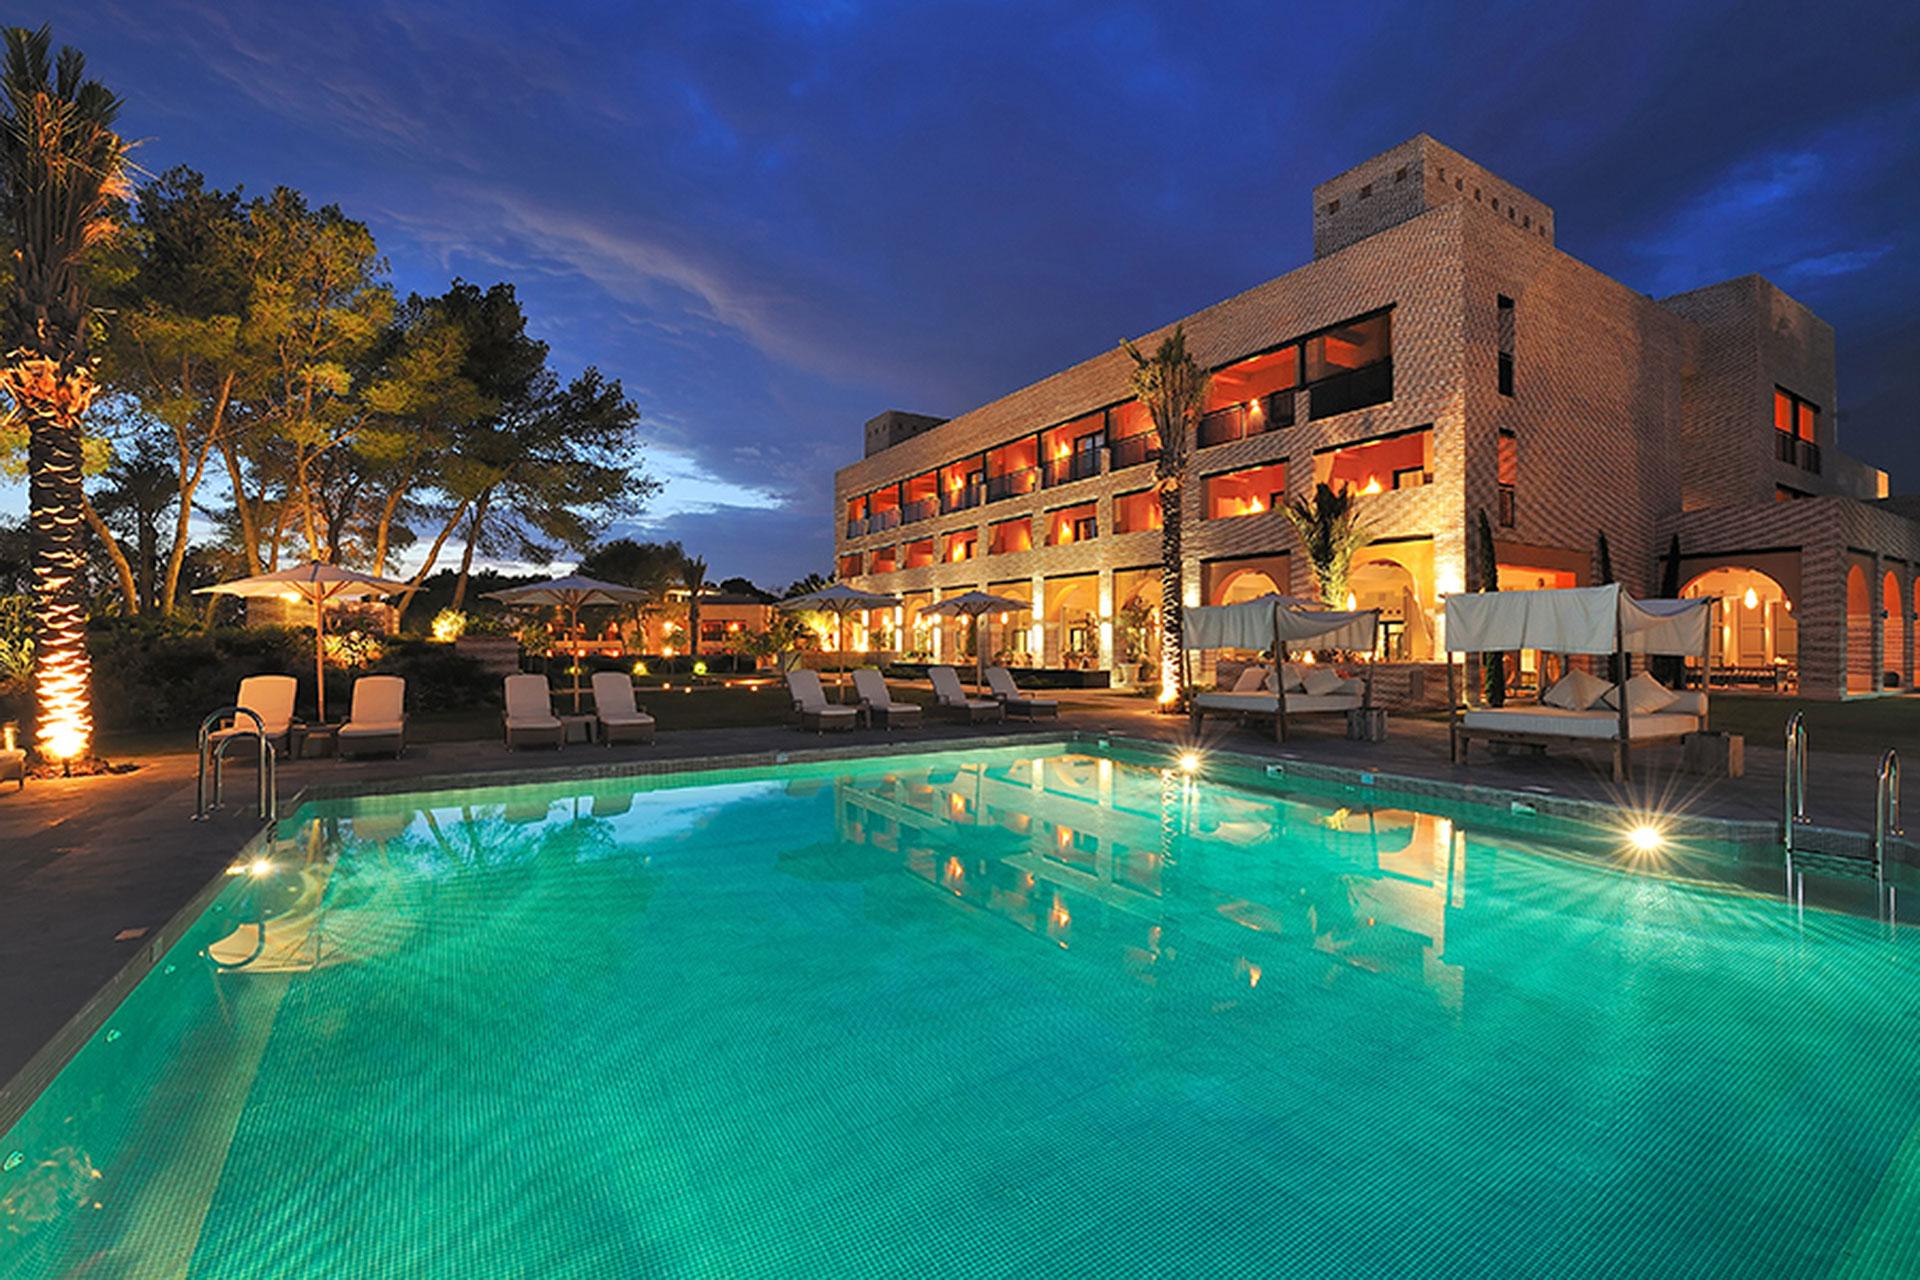 Hotel Vincci Seleccion Estrella del Mar; Courtesy of Hotel Vincci Seleccion Estrella del Mar